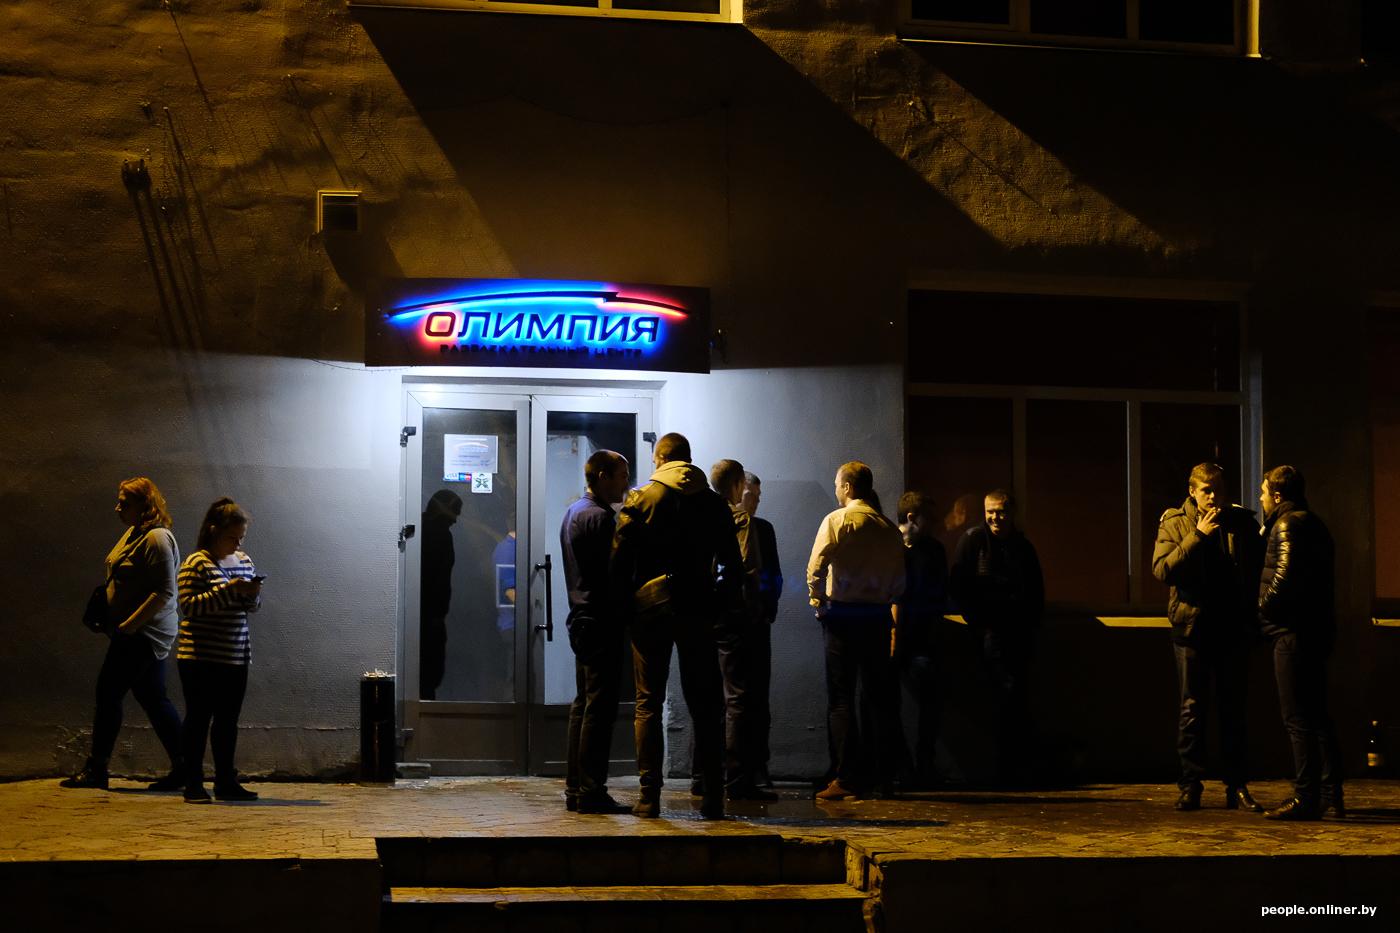 Ночной клуб в марьиной горке геей клуб в москве